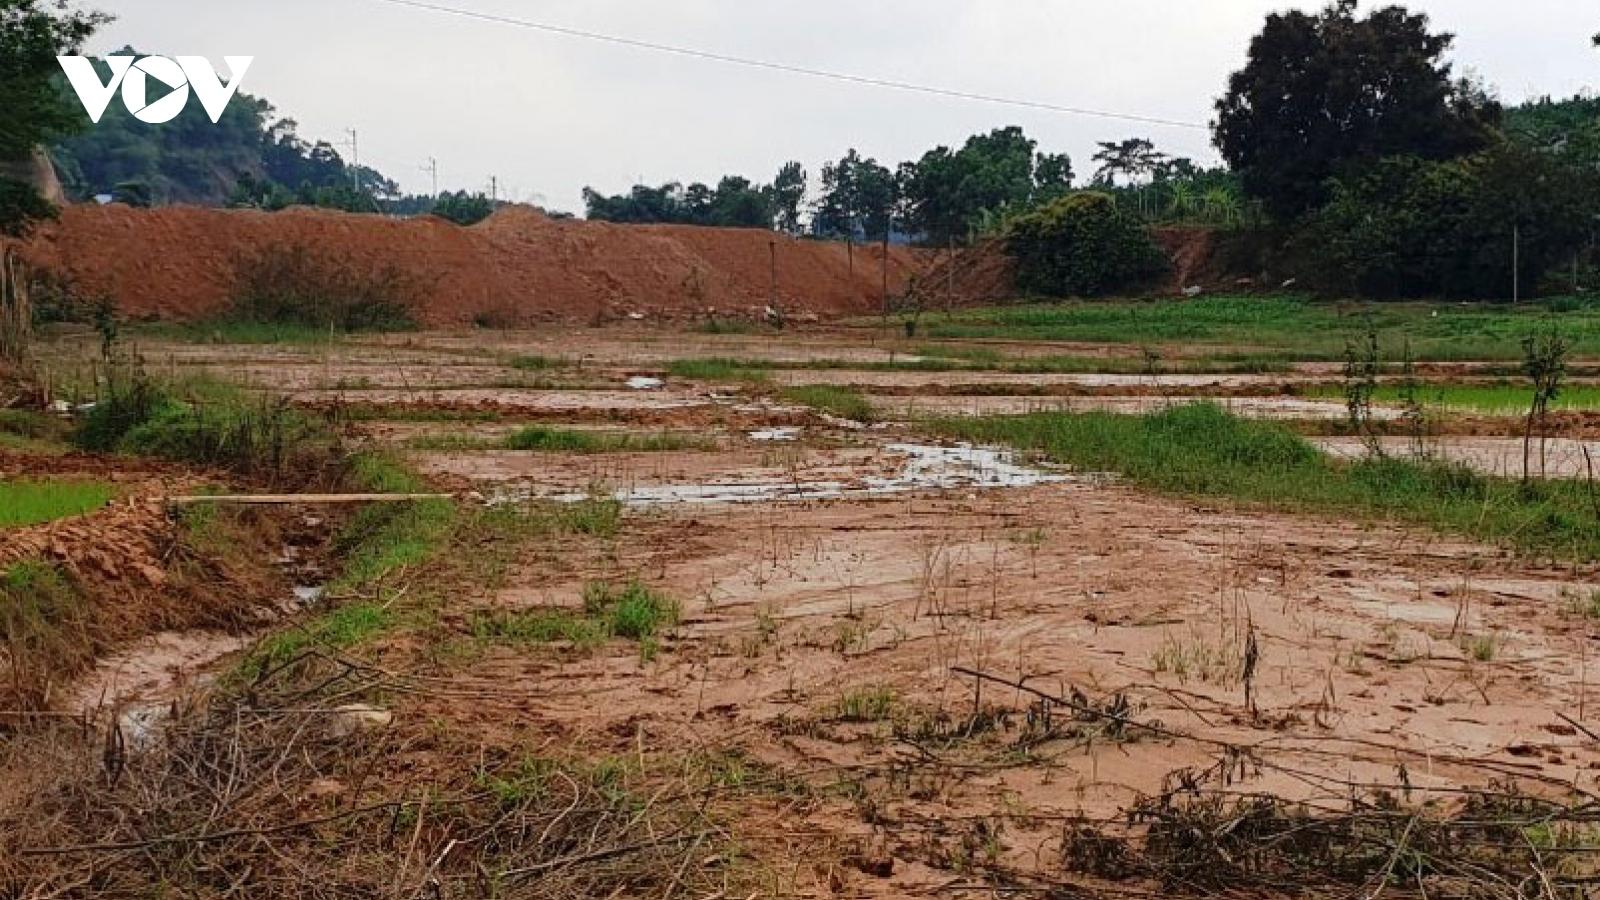 Xót xa bùn đất dự án tràn vào ruộng, người dân không thể trồng cấy